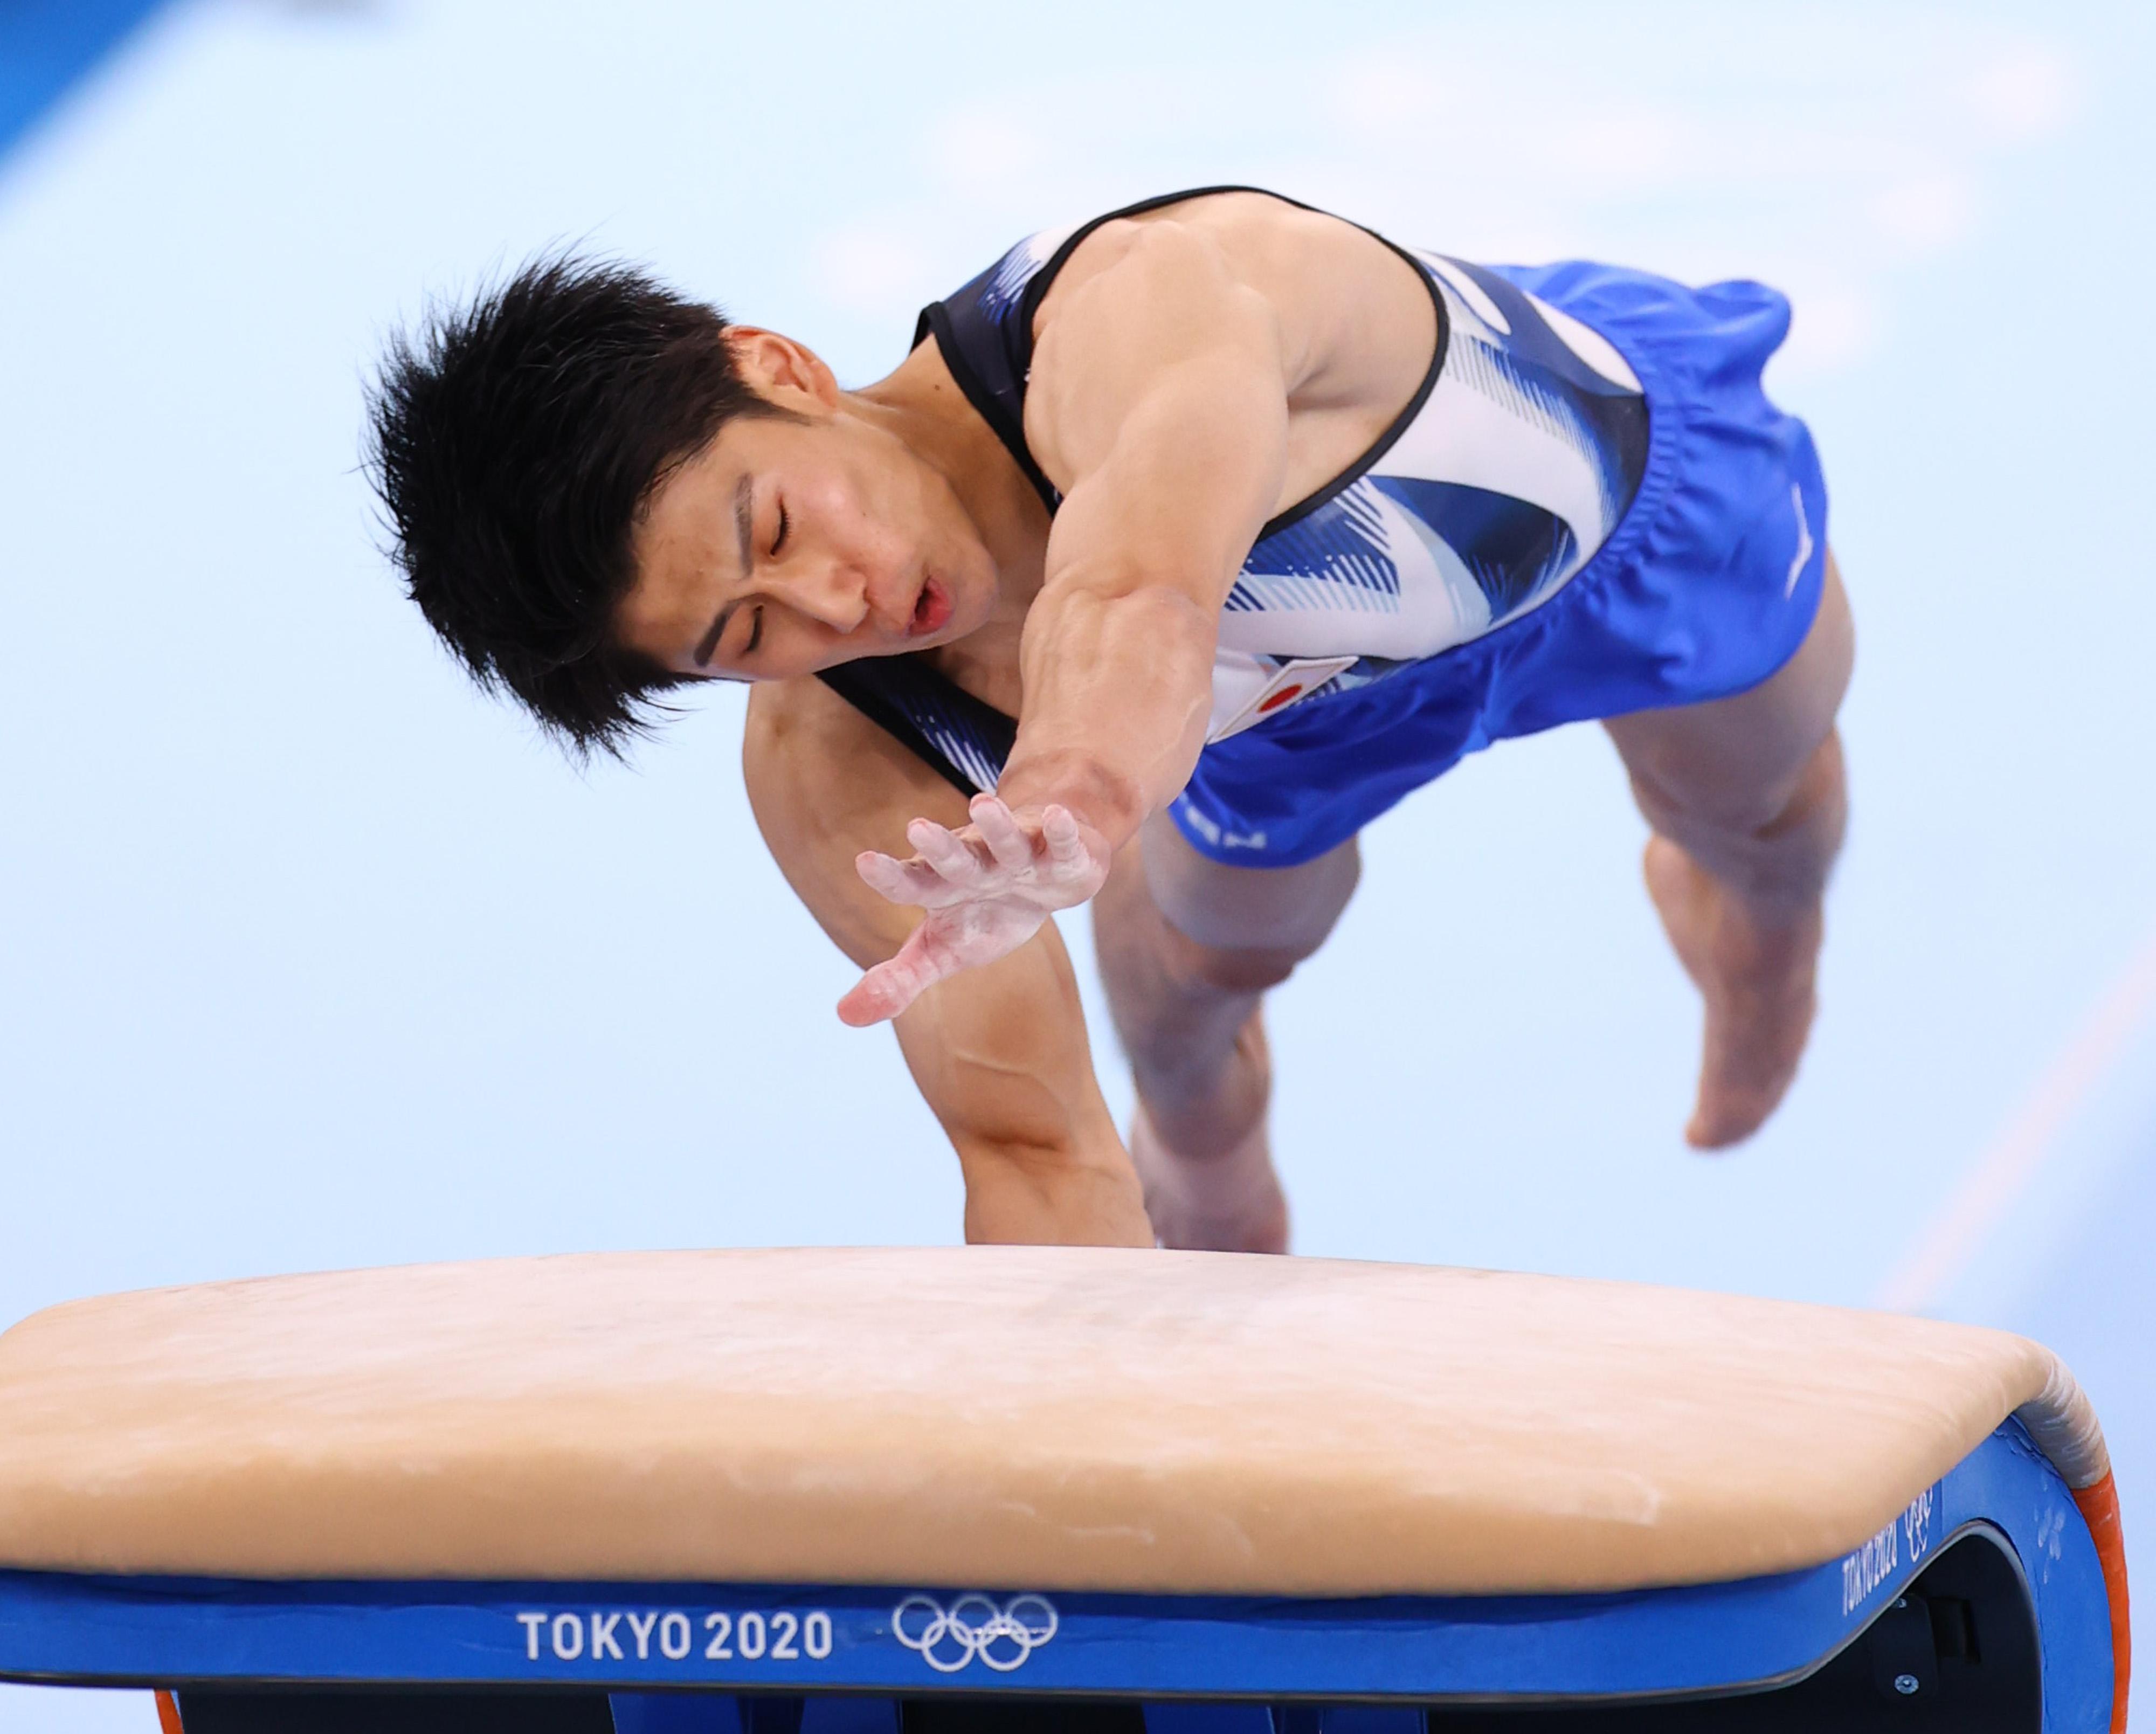 選手へのSNS中傷相次ぐ IOCも対応へ - 産経ニュース